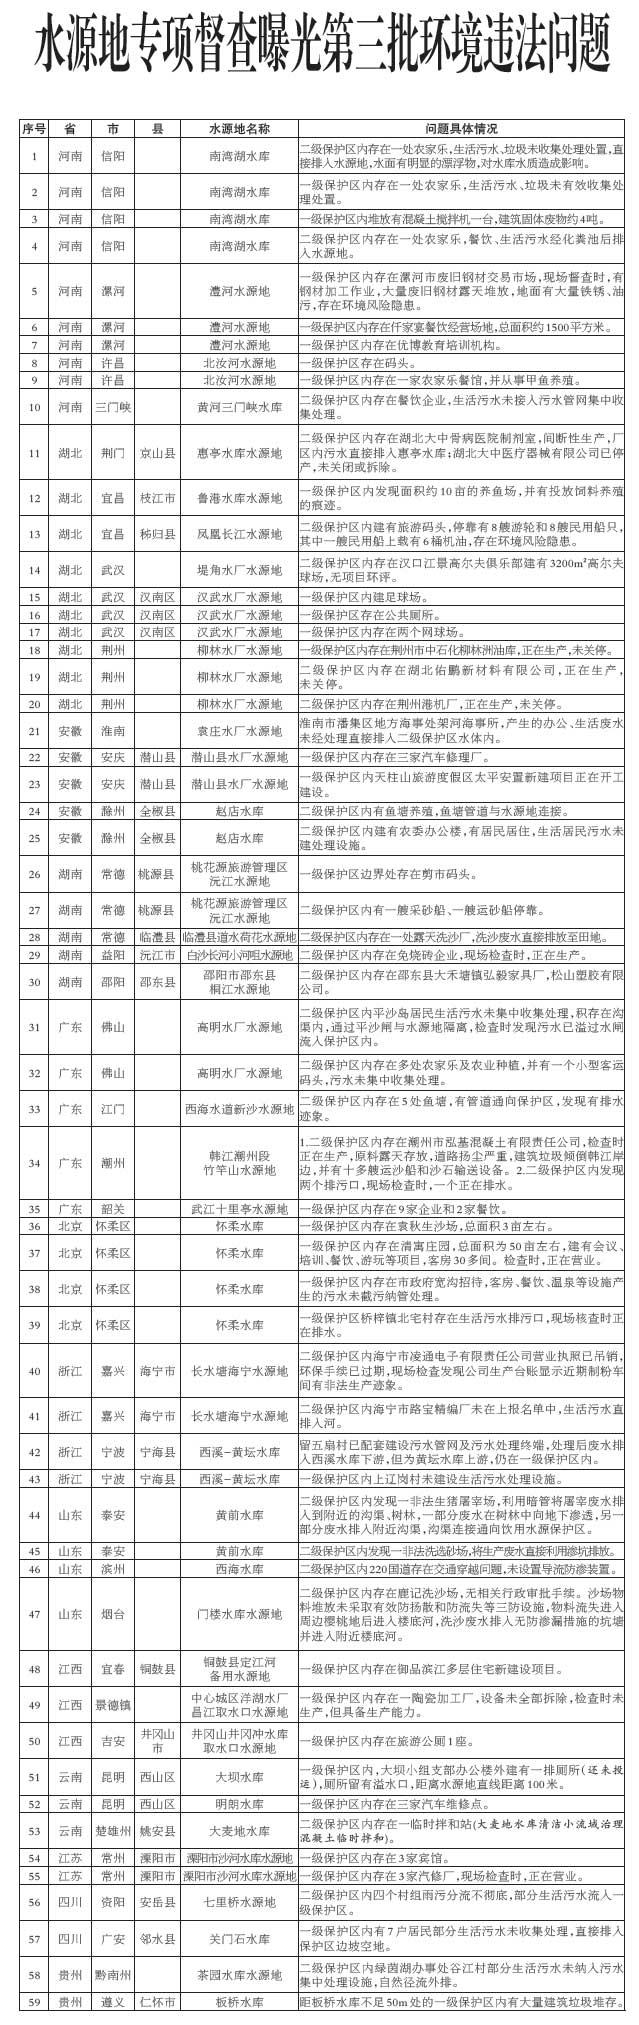 急速赛车彩票官网开奖:水源地专项督查:河南湖北问题最多